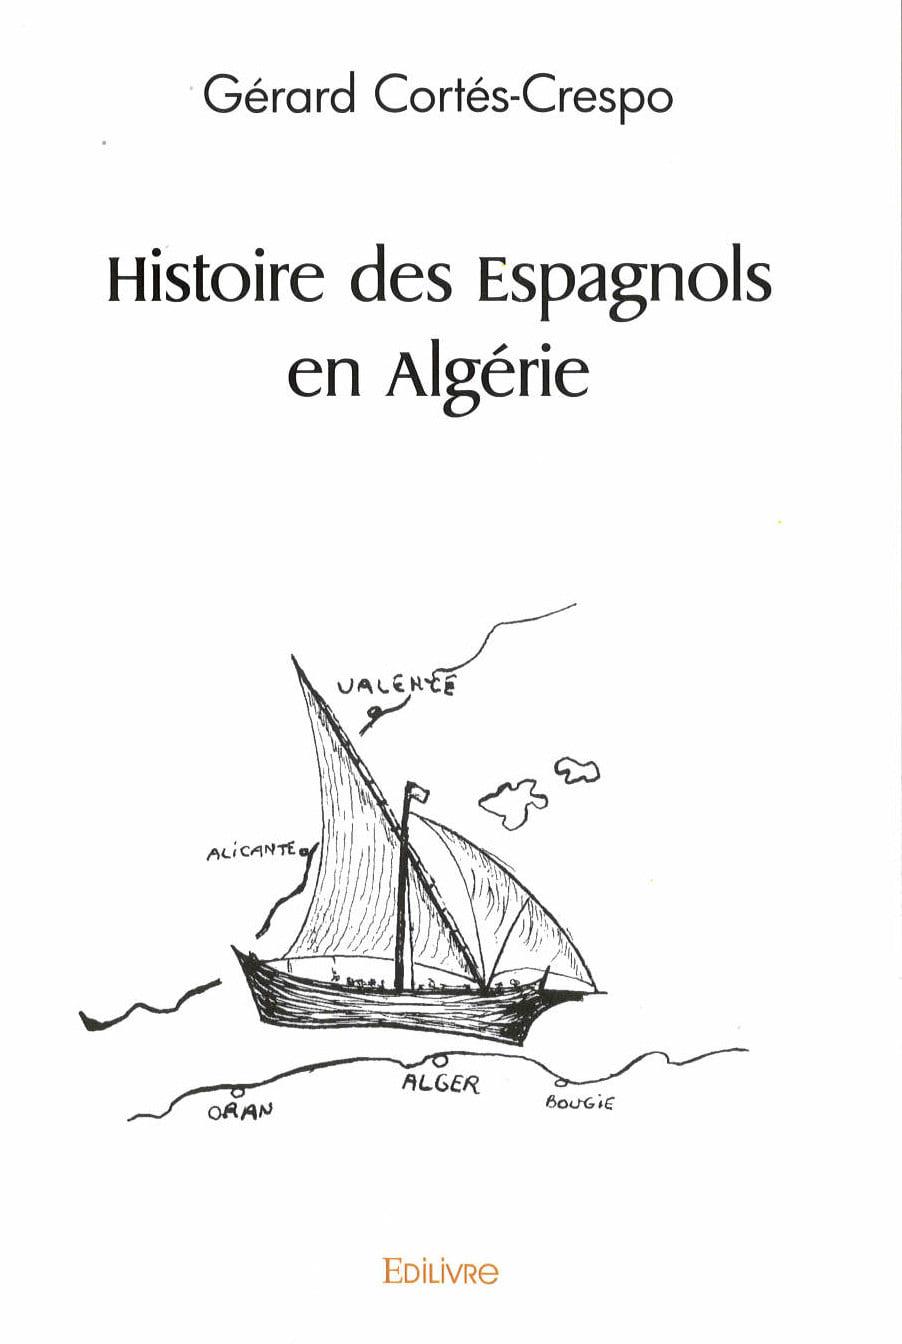 Histoire des espagnols en Algérie